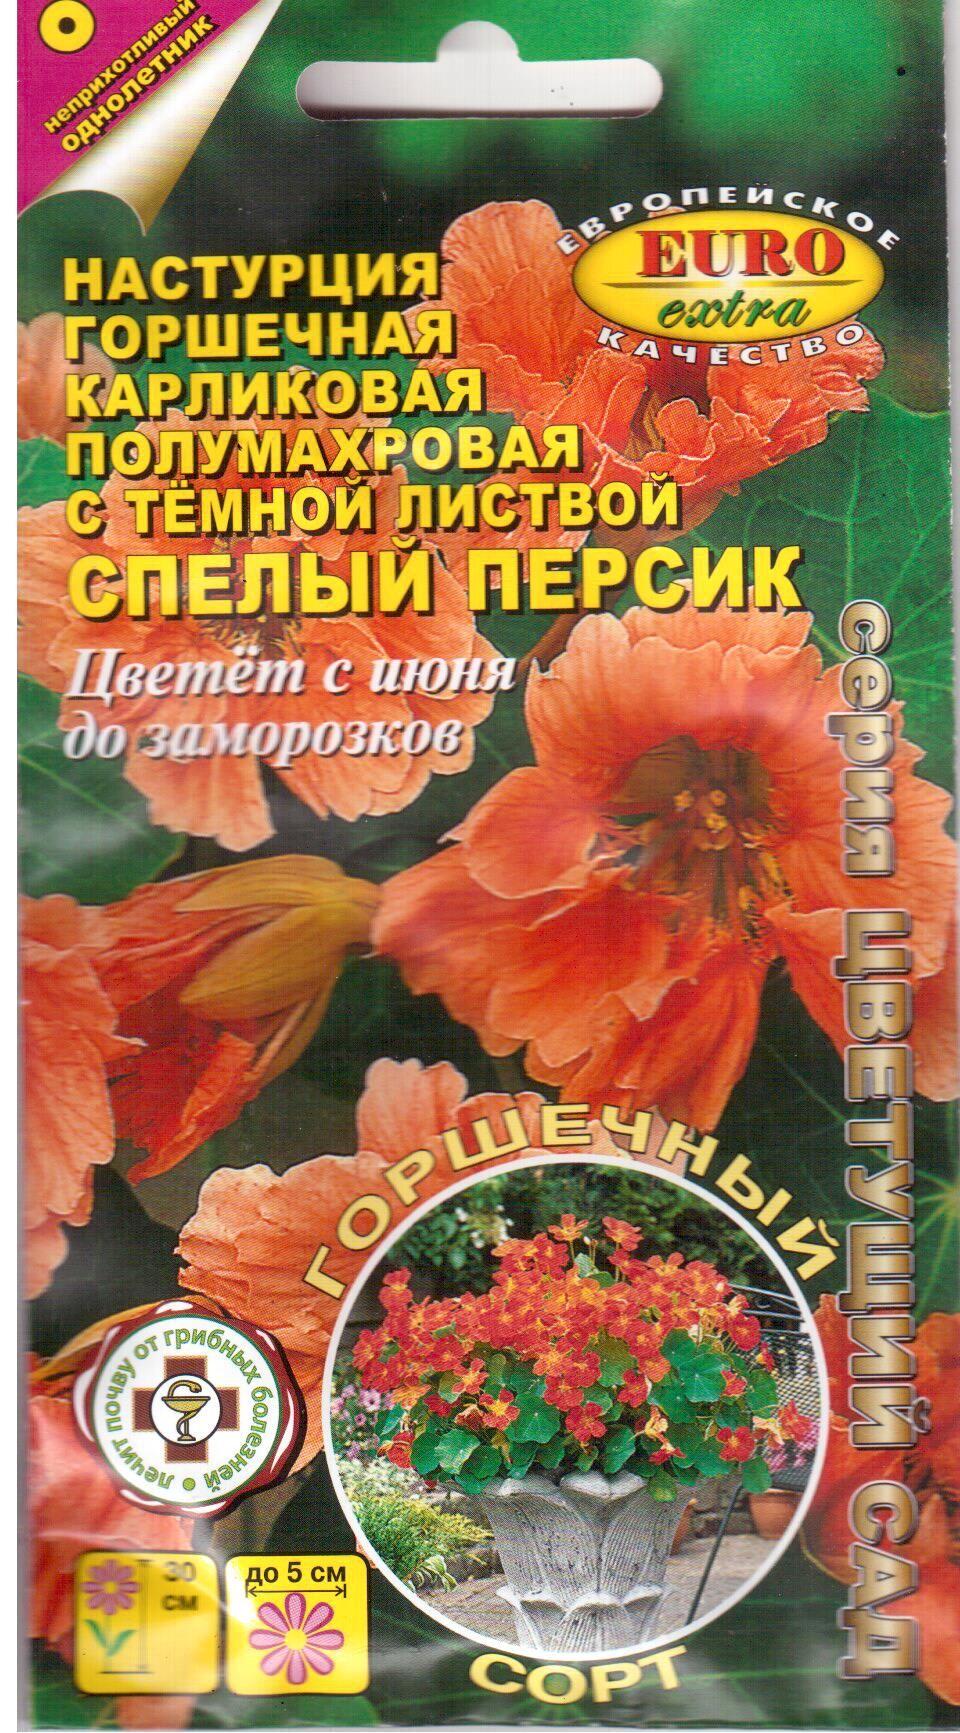 nasturtsiya_spelyy_persik_karlgorshechaelita_001